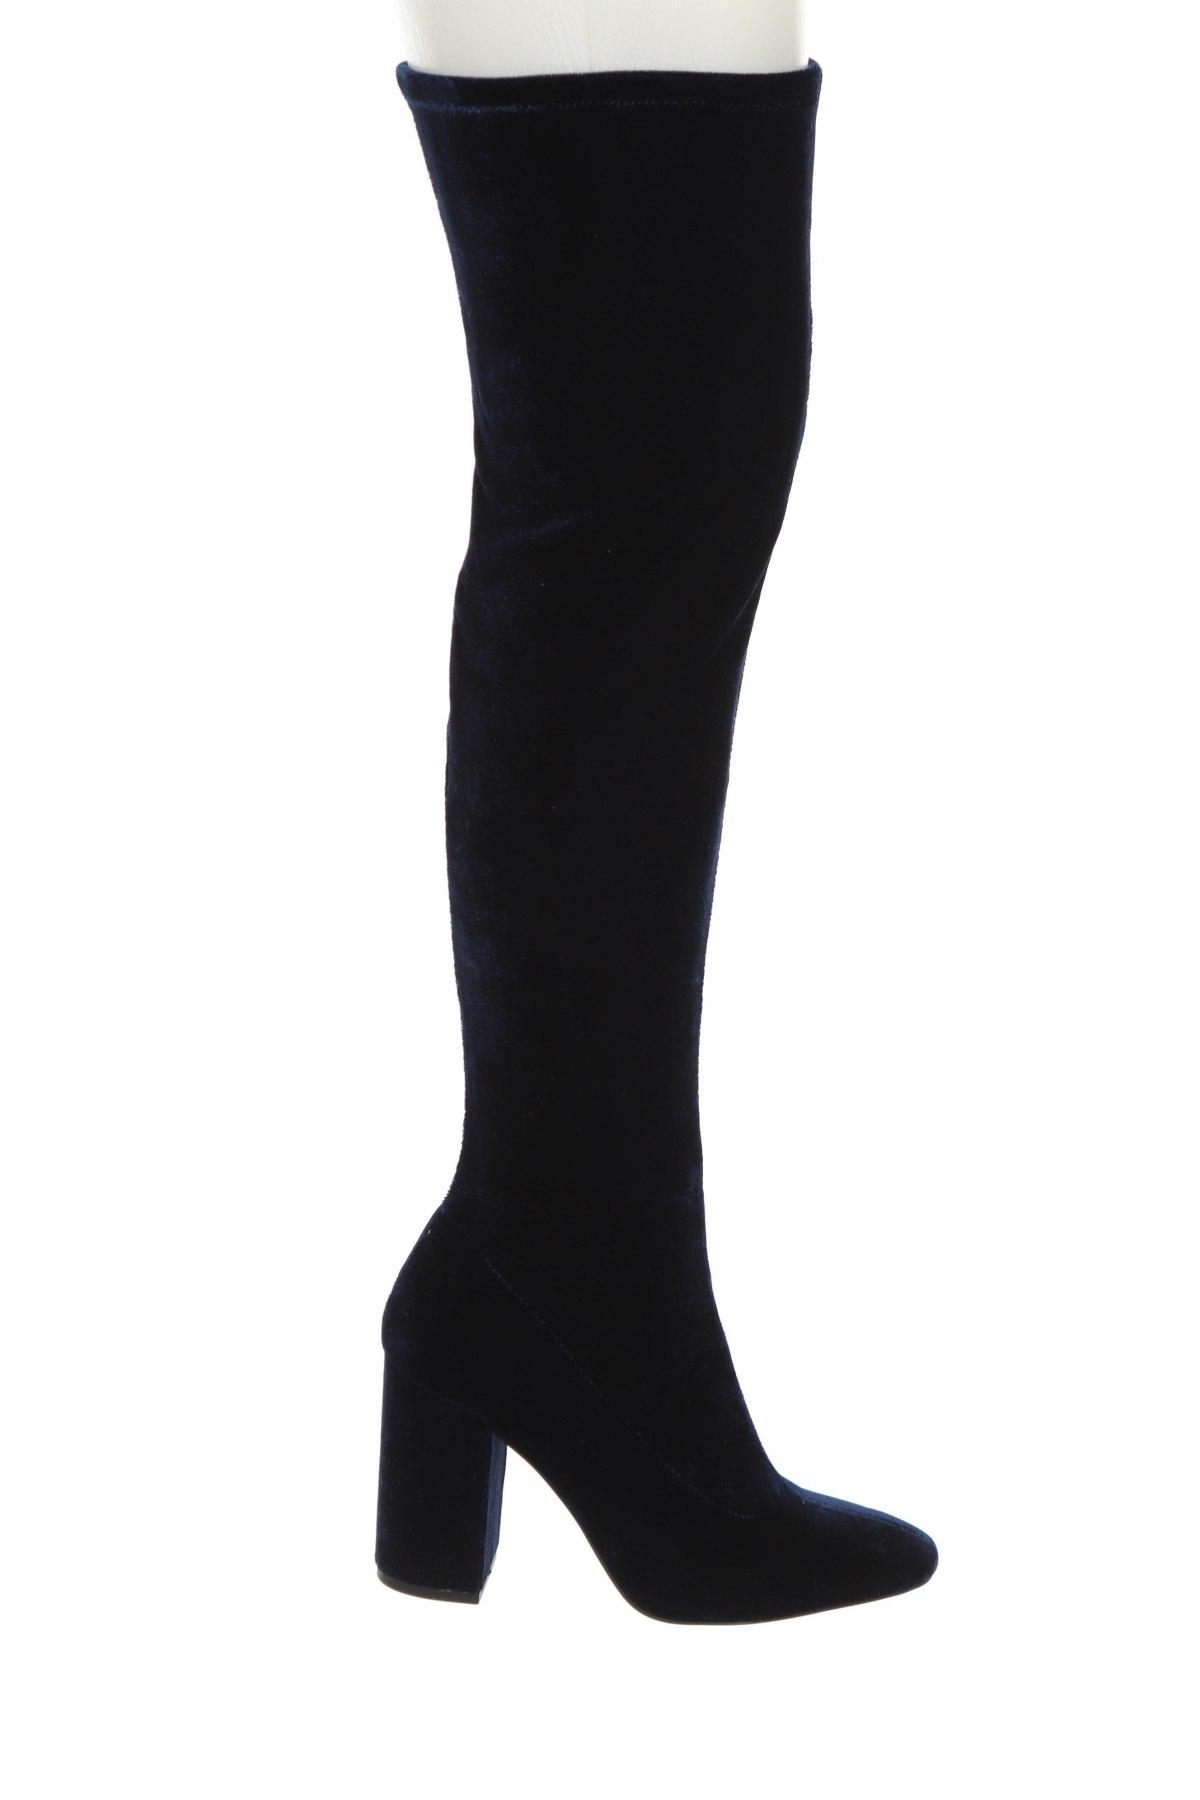 Γυναικείες μπότες Zara, Μέγεθος 39, Χρώμα Μπλέ, Κλωστοϋφαντουργικά προϊόντα, Τιμή 42,14€